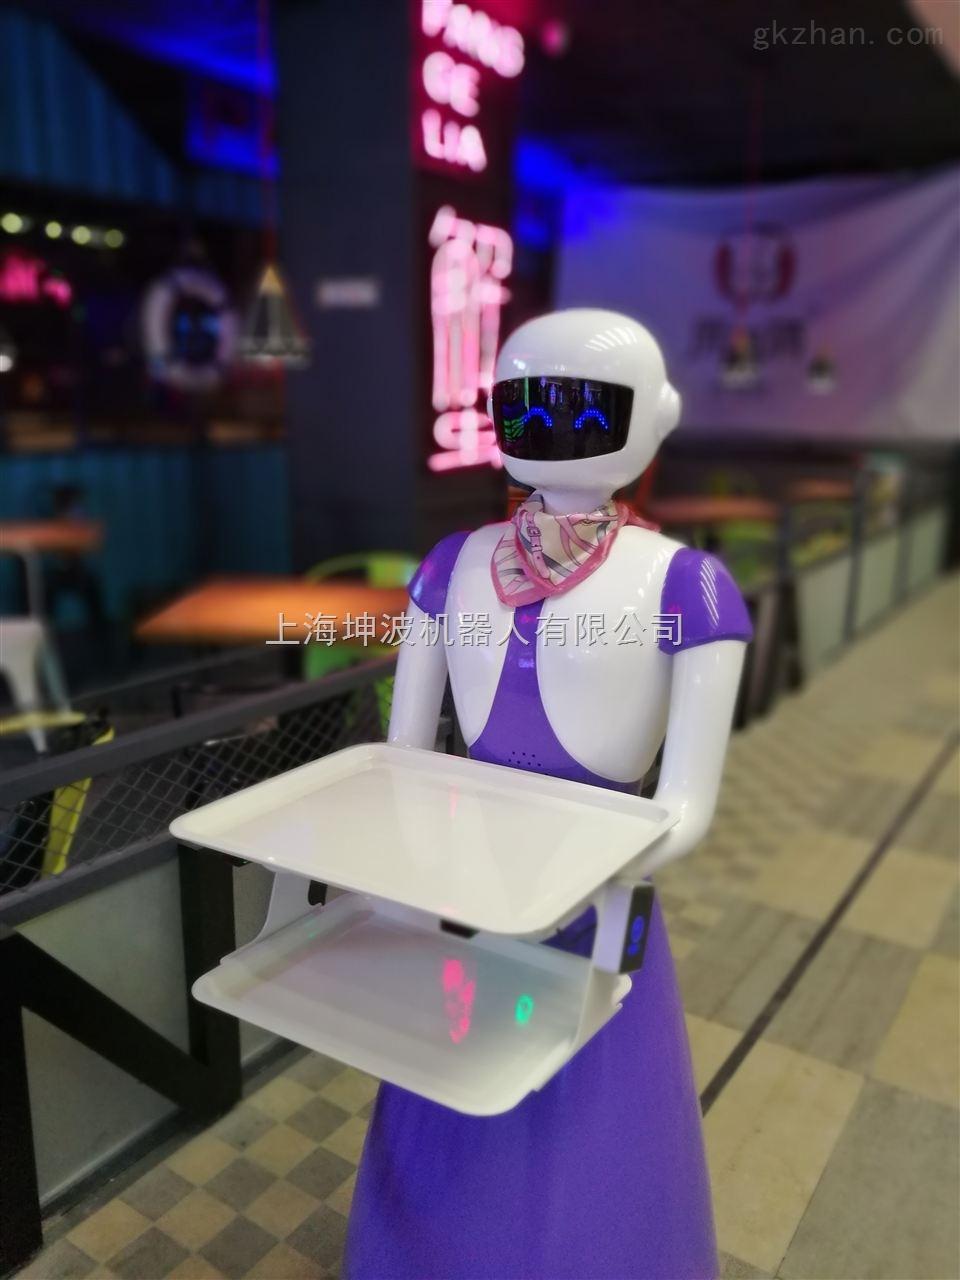 上海展会出租服务机器人